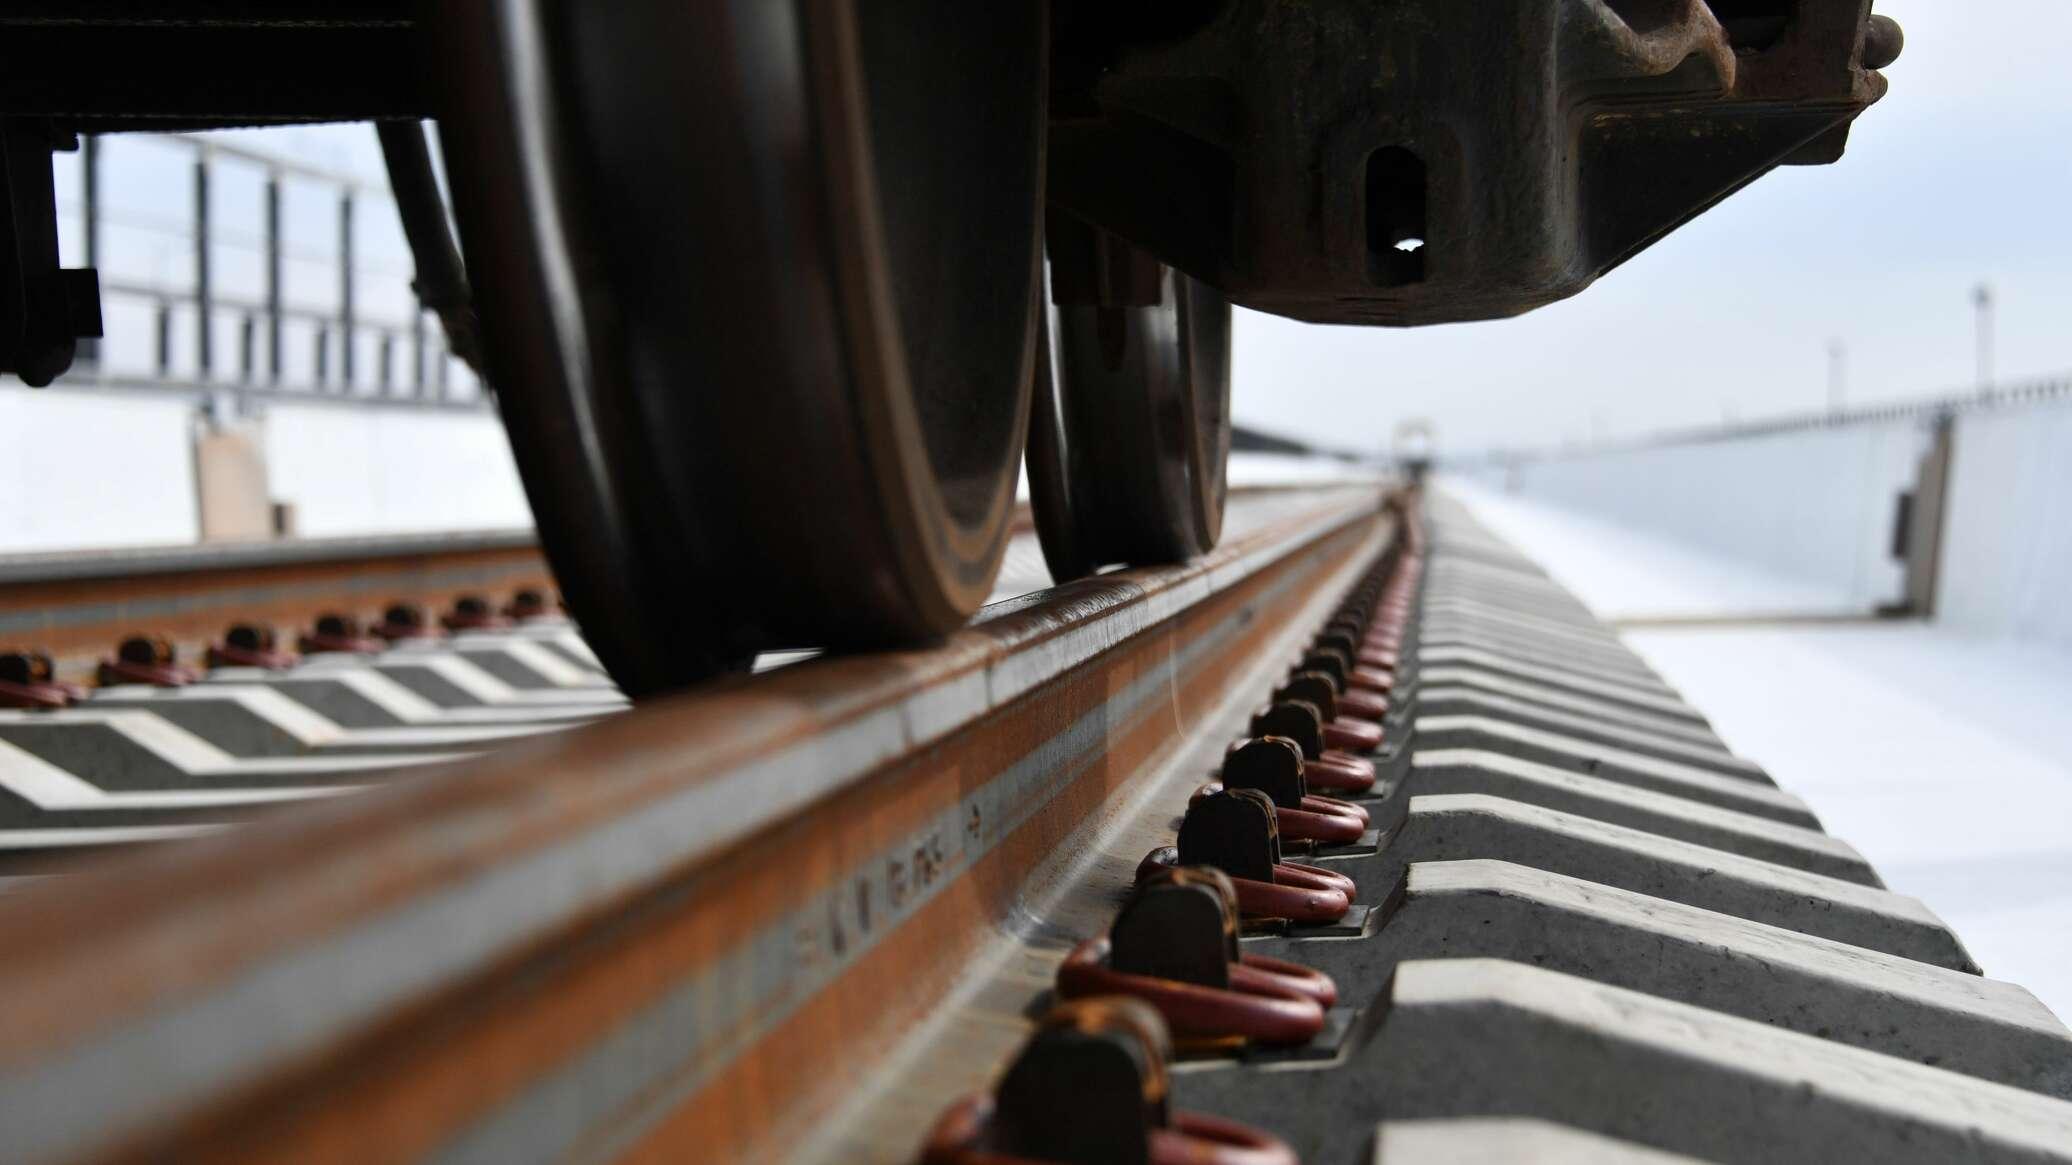 Новости Днепра про На переезде в Днепре поезд насмерть сбил 60-летнего мужчину